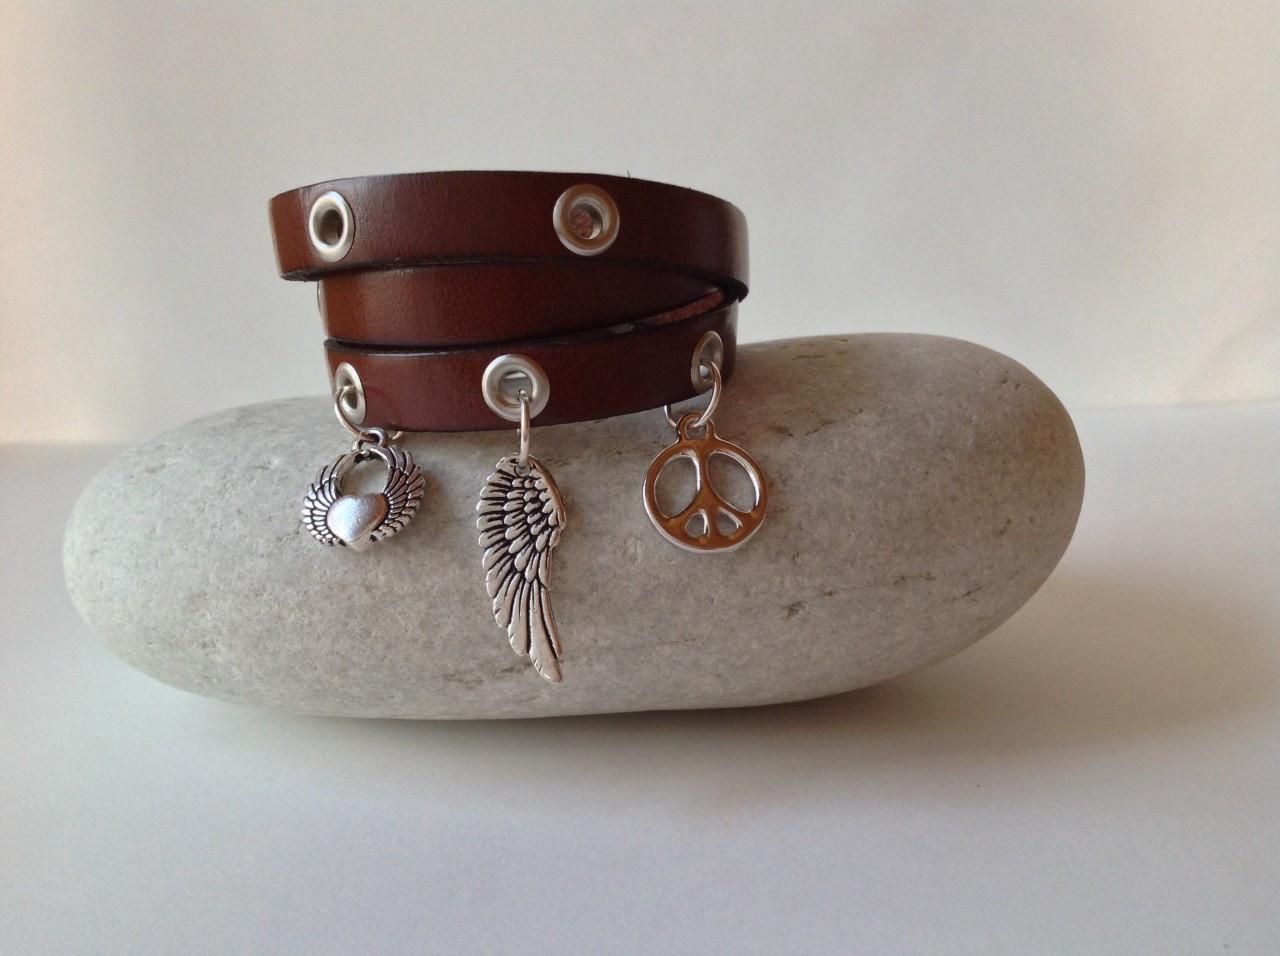 d8a77d03705 CEOriginals Triple wrap leather charm bracelet - Herbert s Boots and ...